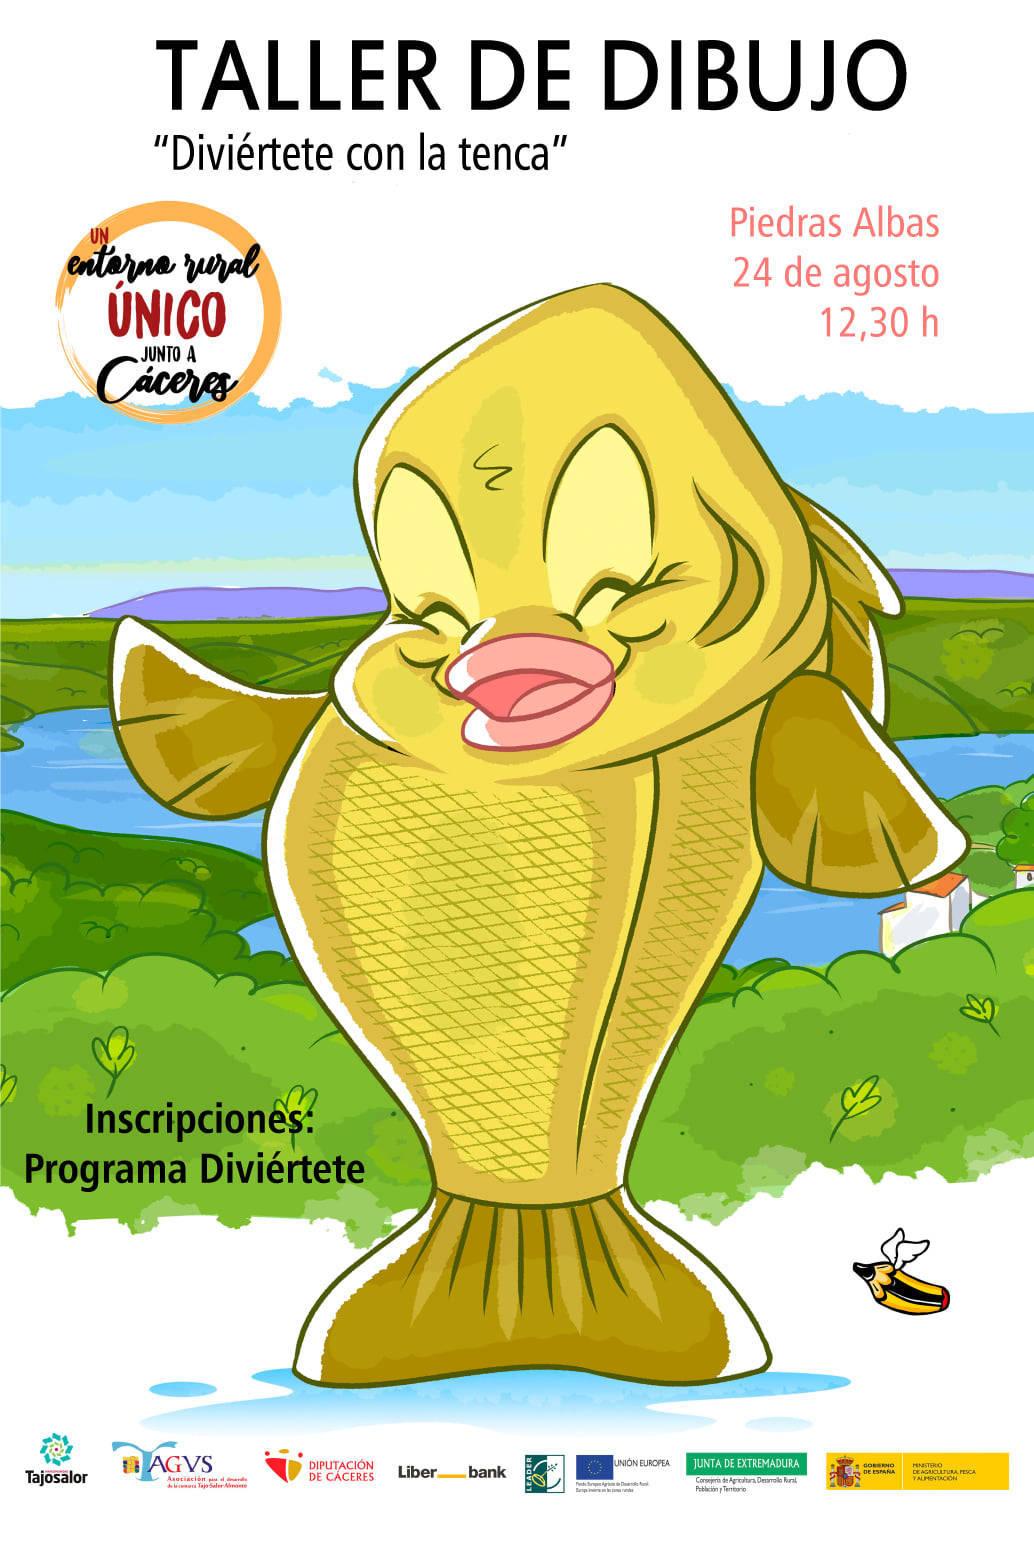 Taller de dibujo (agosto 2021) - Piedras Albas (Cáceres)